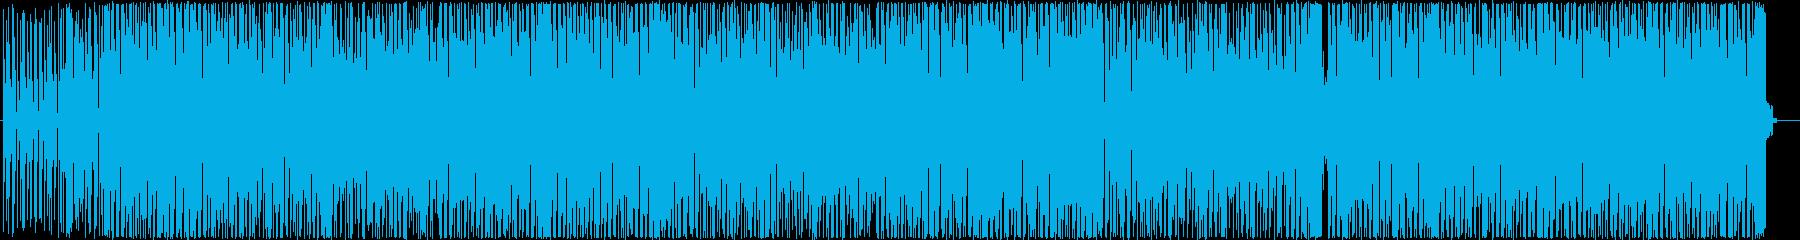 80s洋楽系ファンクトラック の再生済みの波形